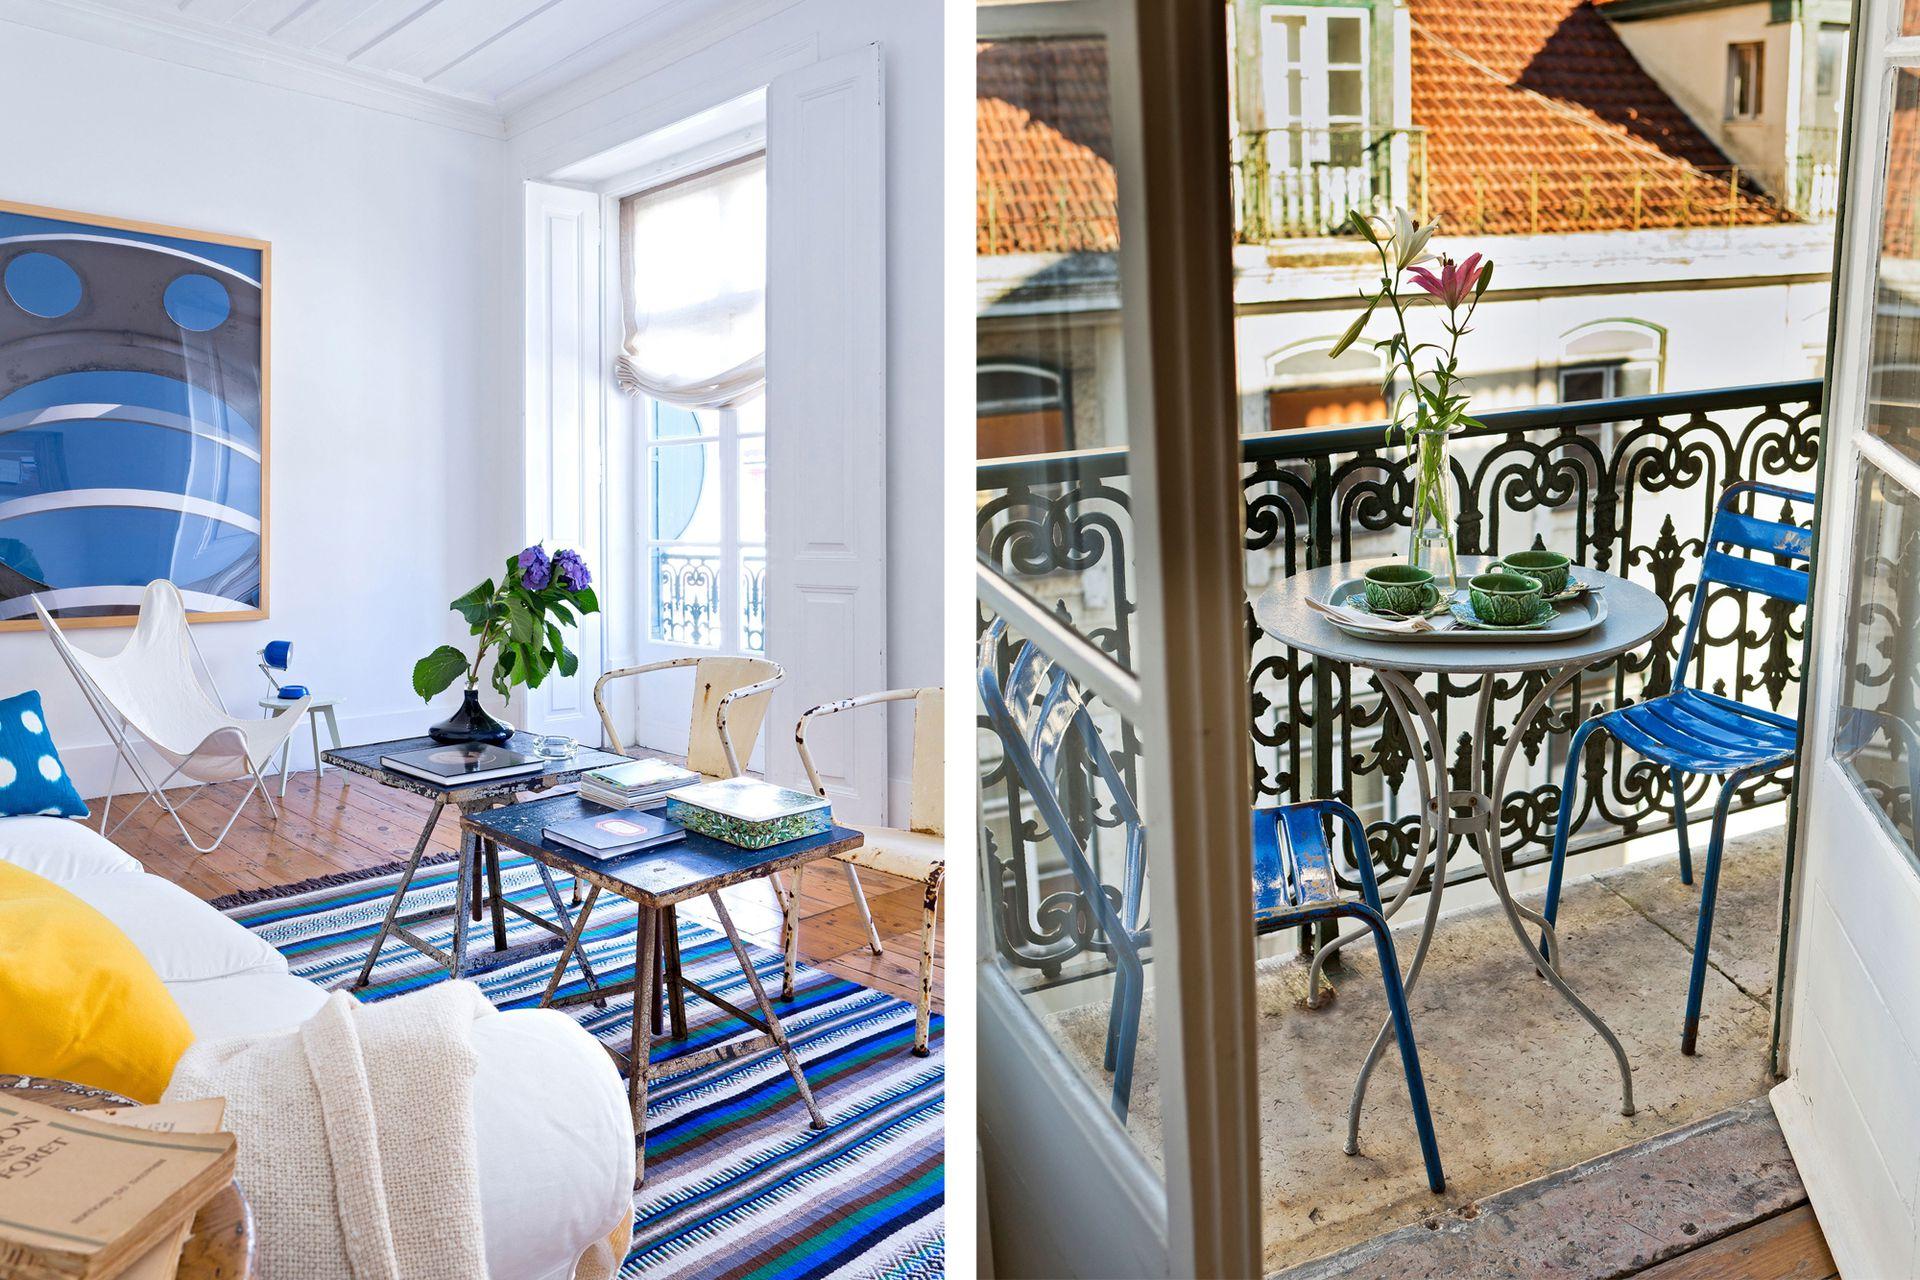 ¿Entran una mesa y dos sillas plegables? A ponerlas afuera, protegidas con pintura para exteriores de un color bien elegido.